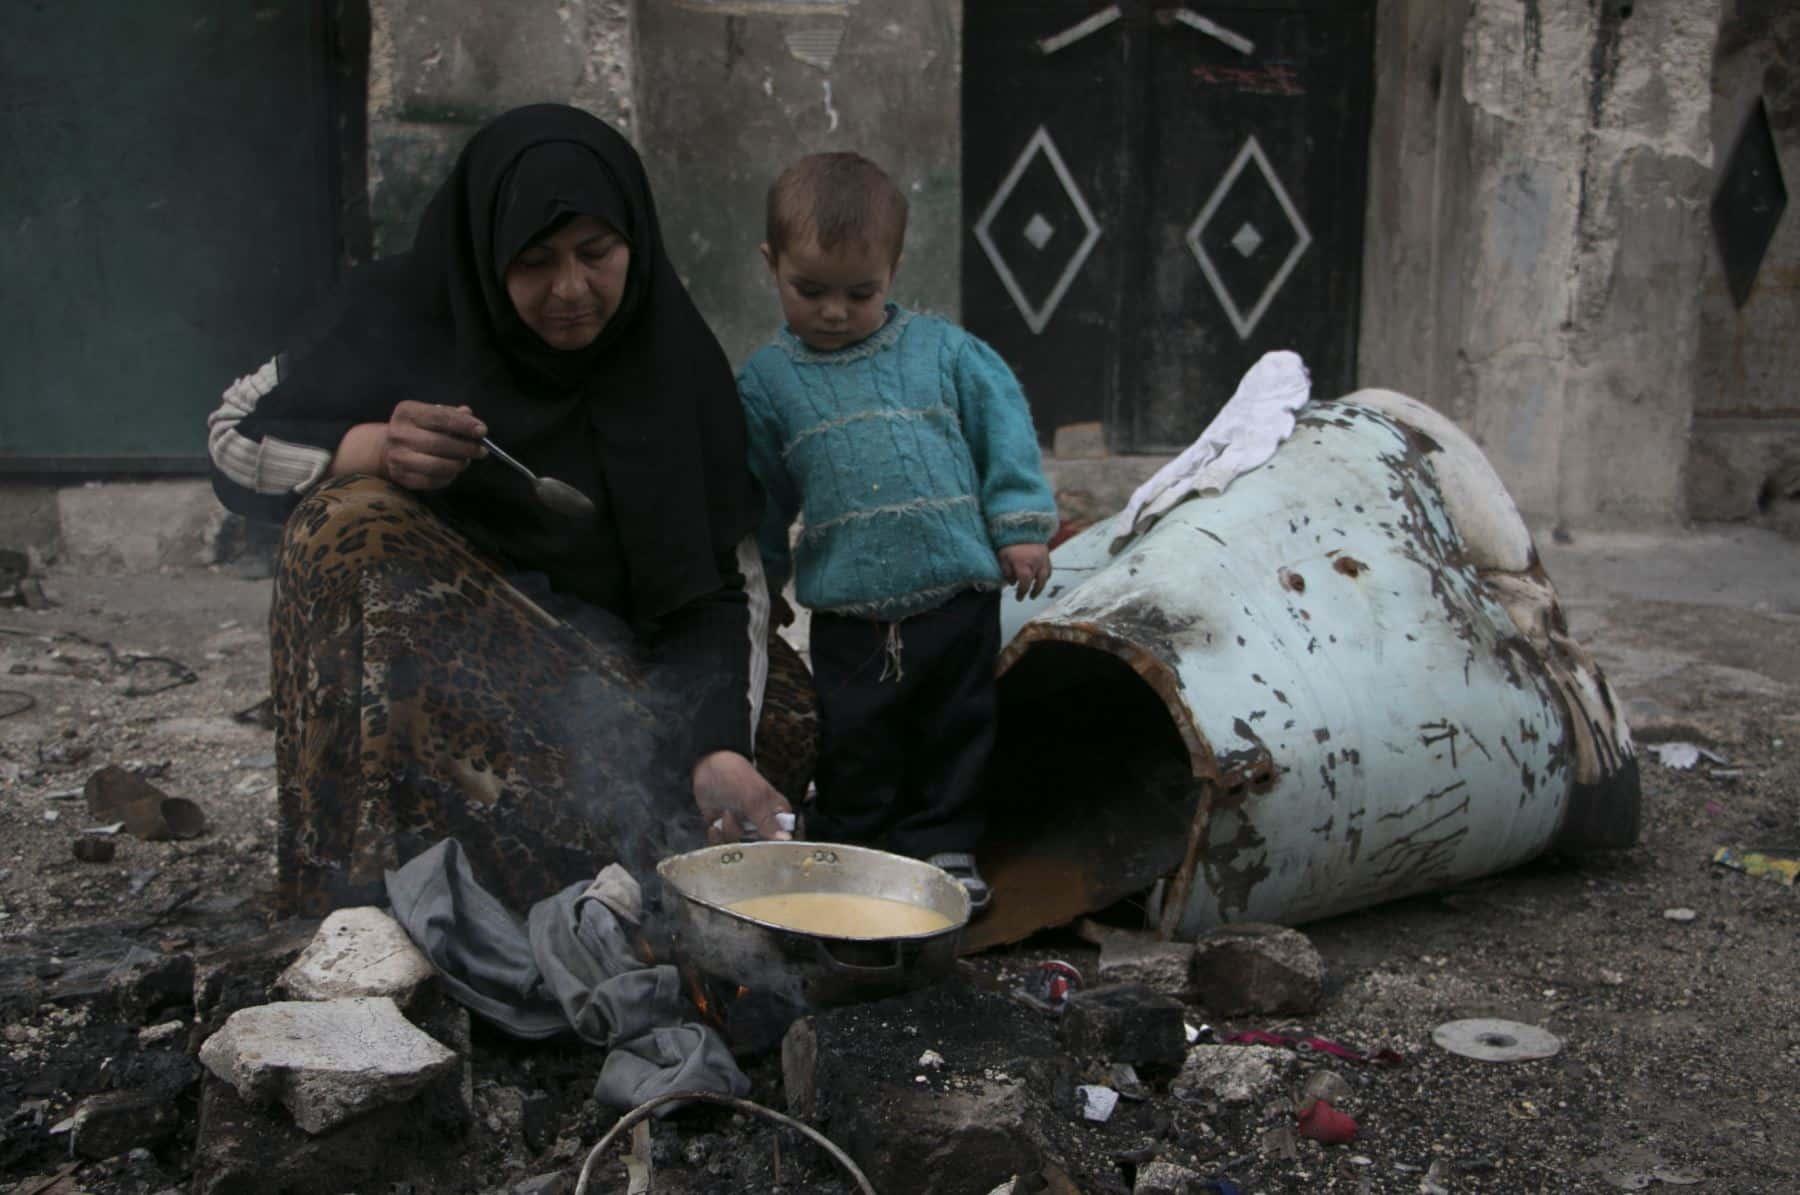 Hasta las terroristas caben en la tipología de la pobreza